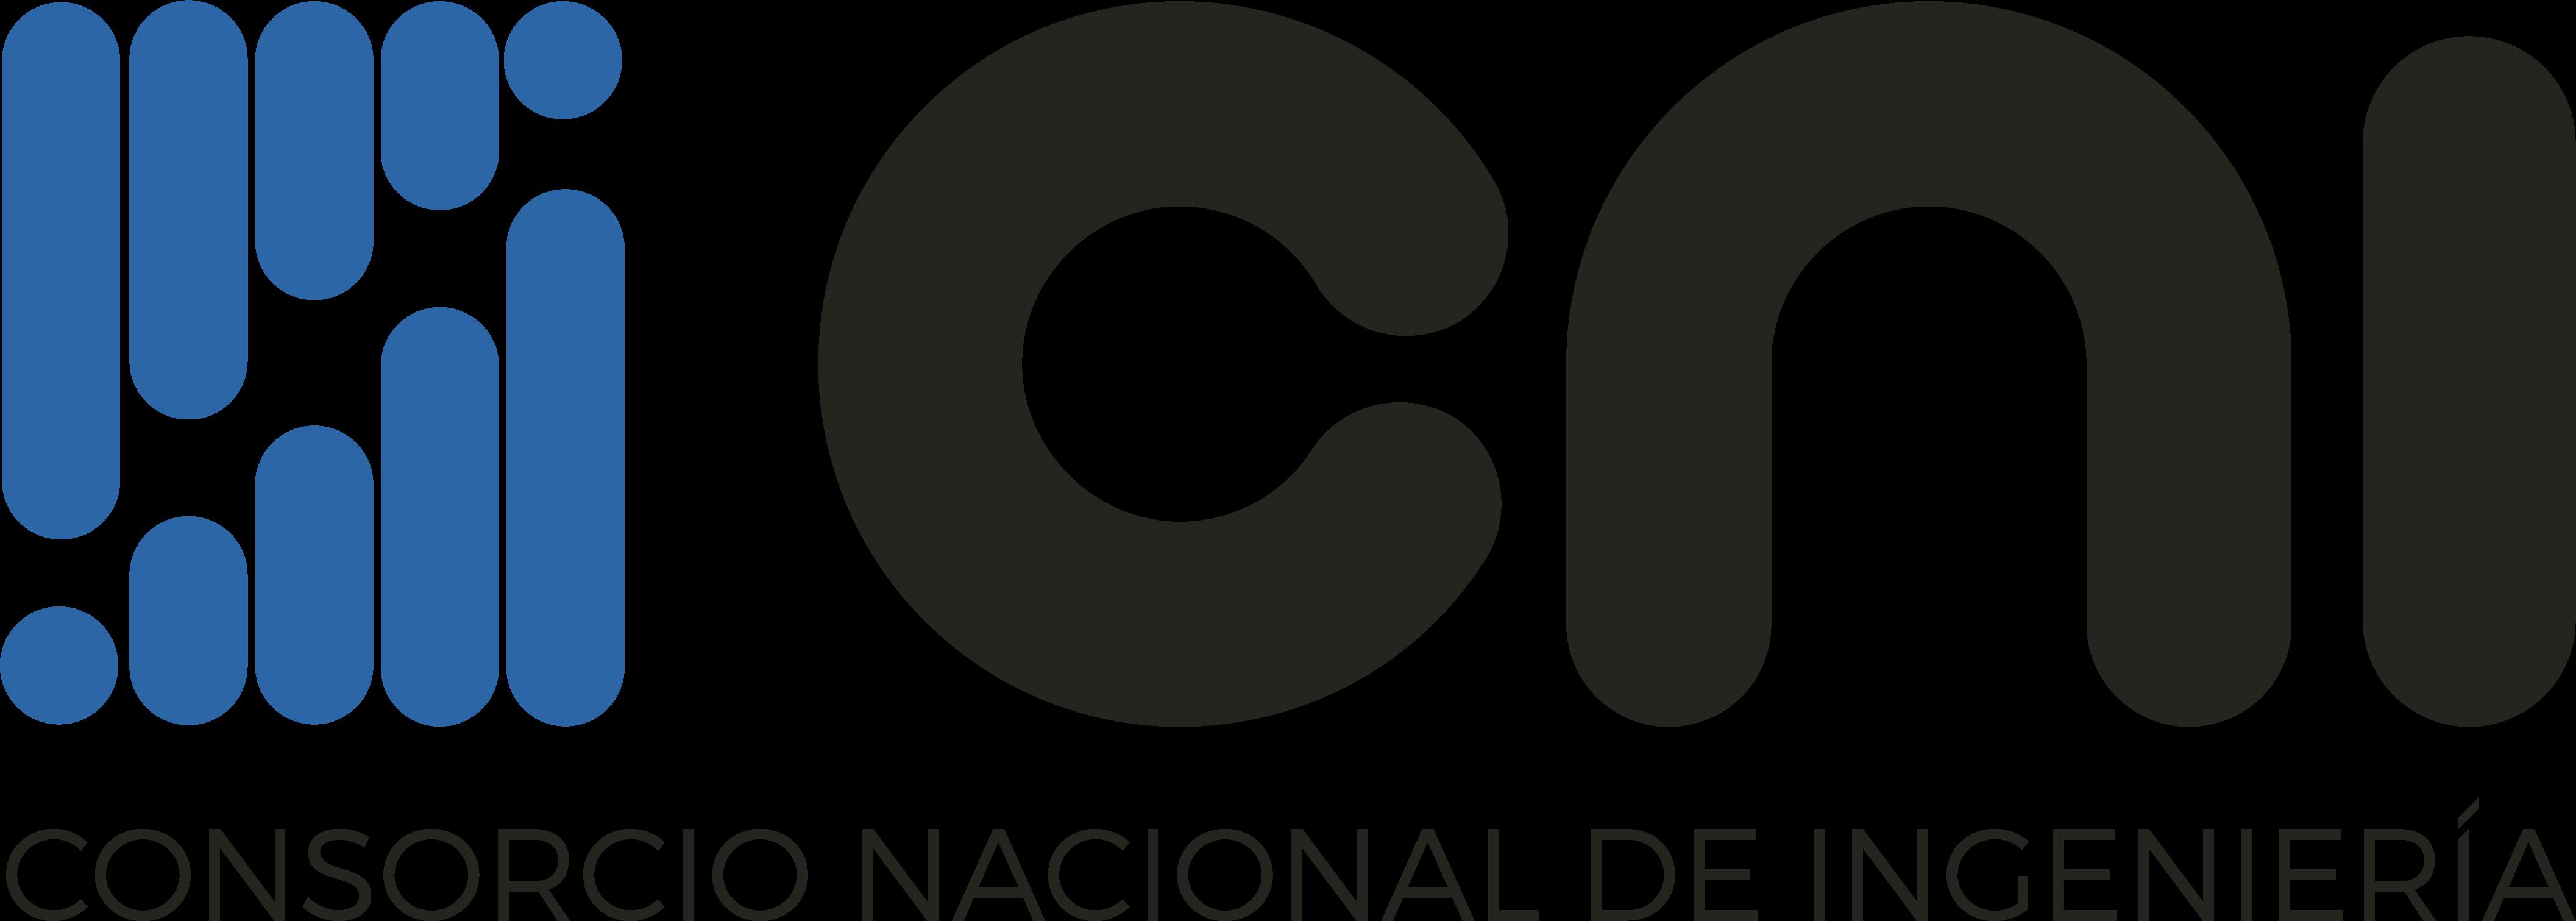 Consorcio Nacional de Ingeniería